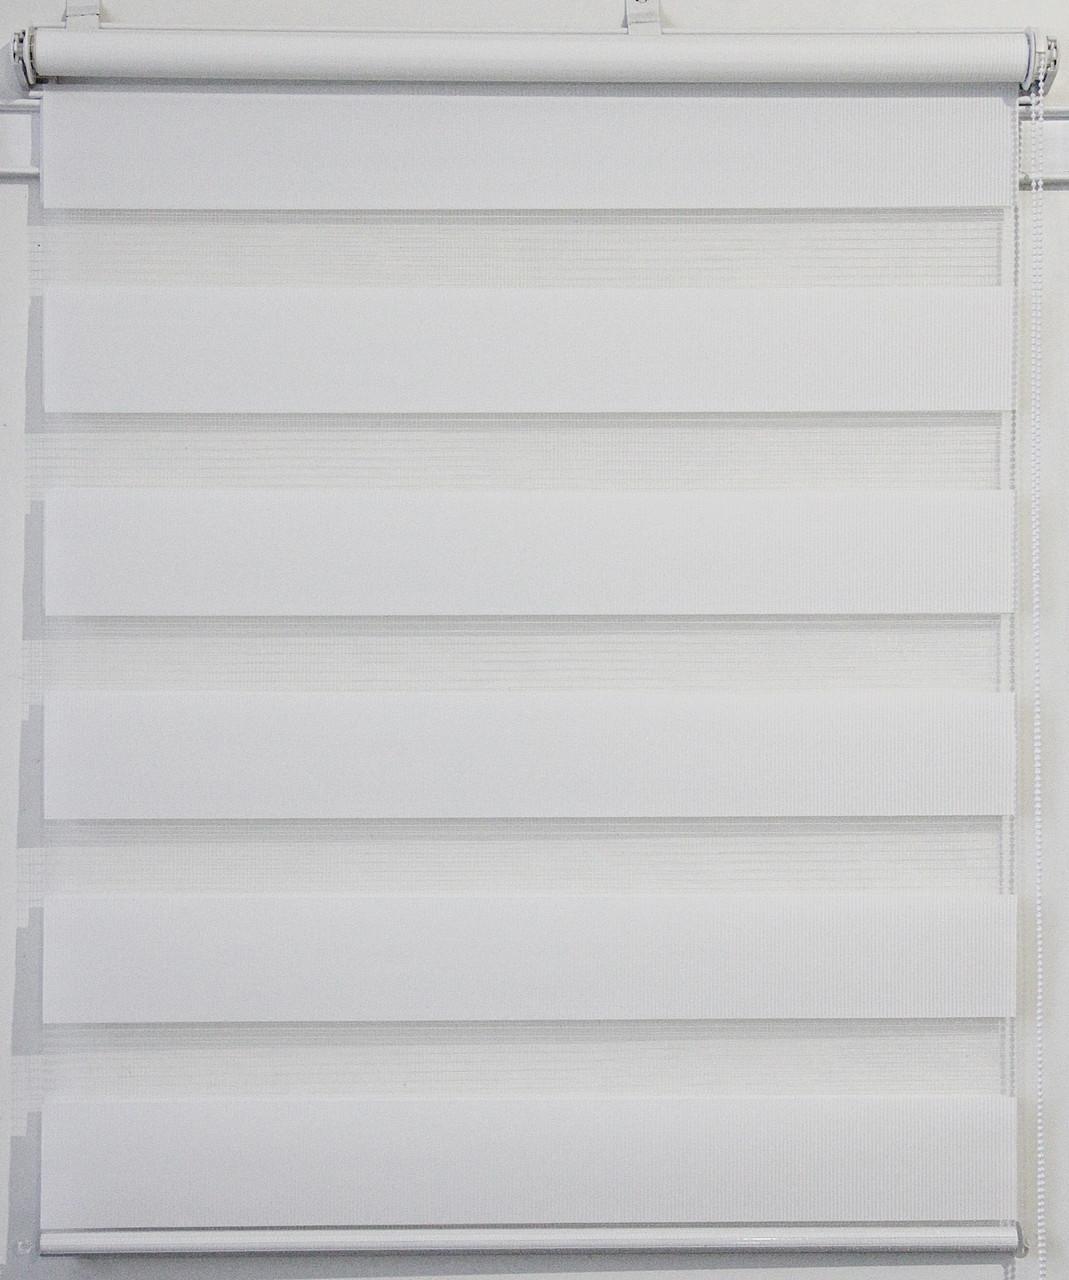 Готовые рулонные шторы 550*1600 Ткань ВН-01 Белый